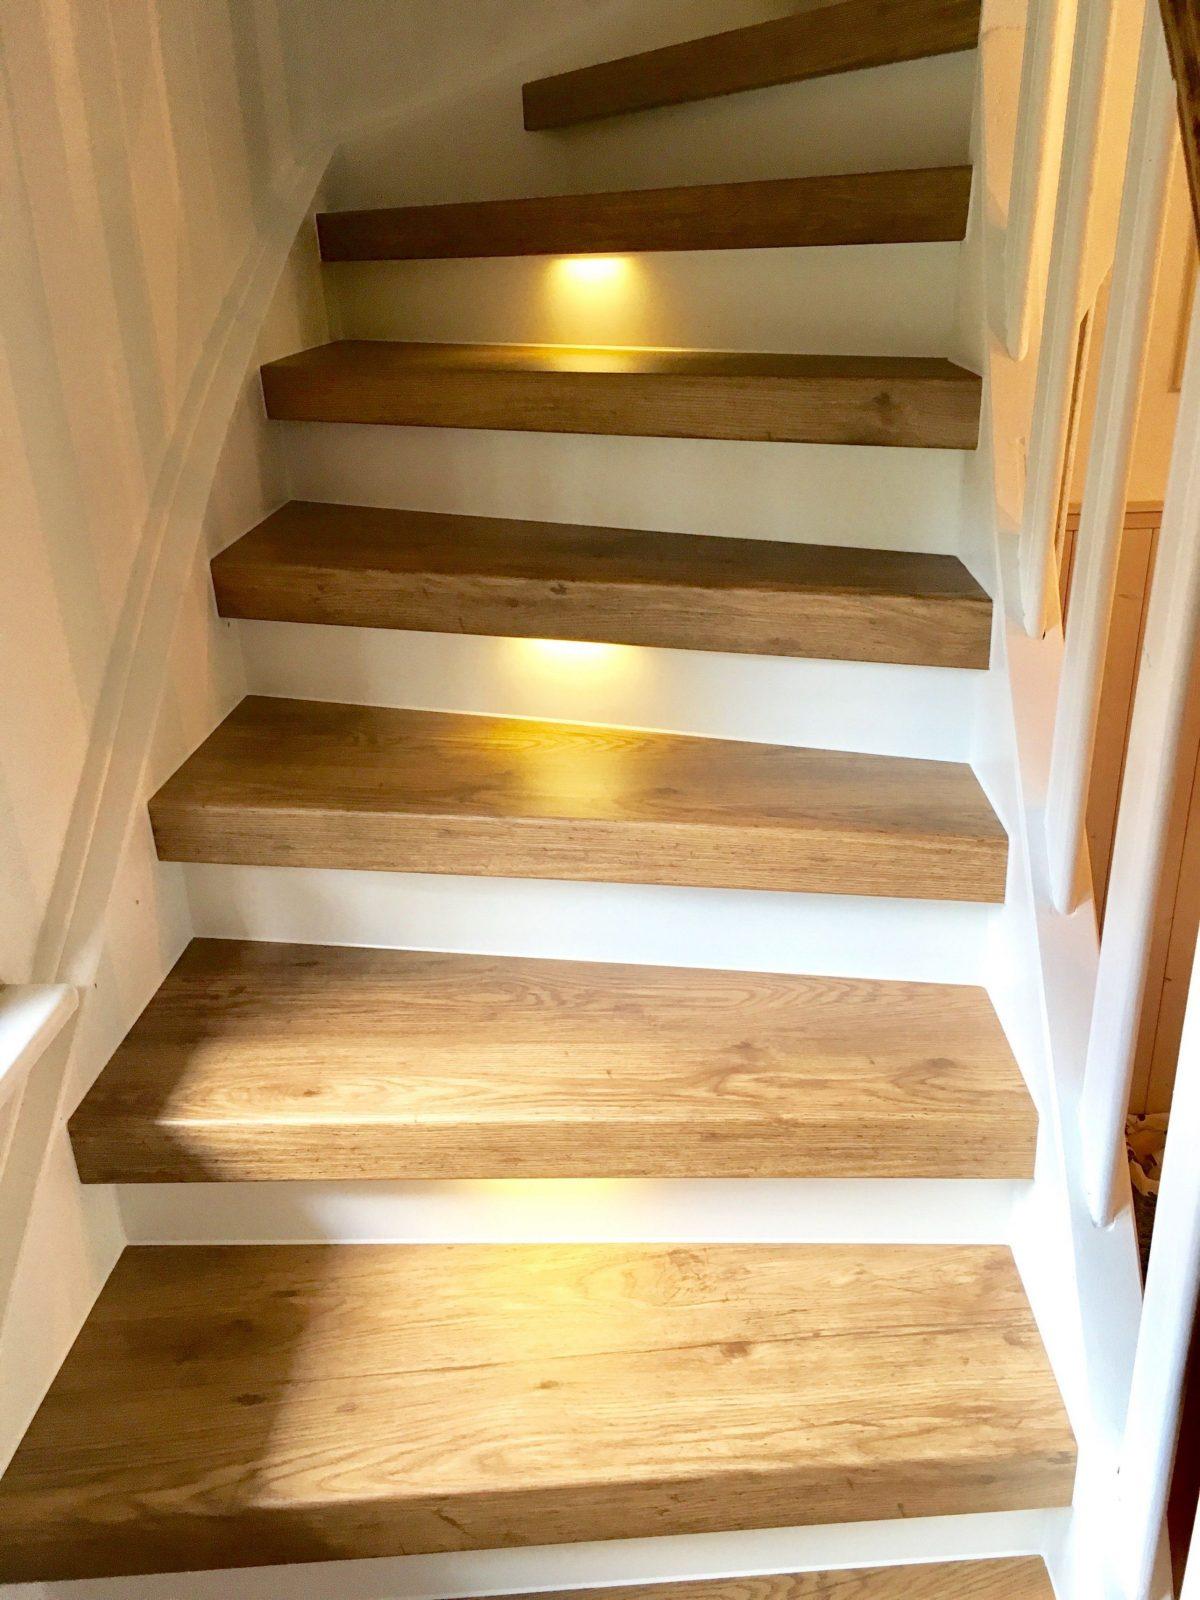 Treppenrenovierung Und Treppensanierung Von Vinylstufen Vinyltreppen von Treppen Sanieren Selber Machen Bild